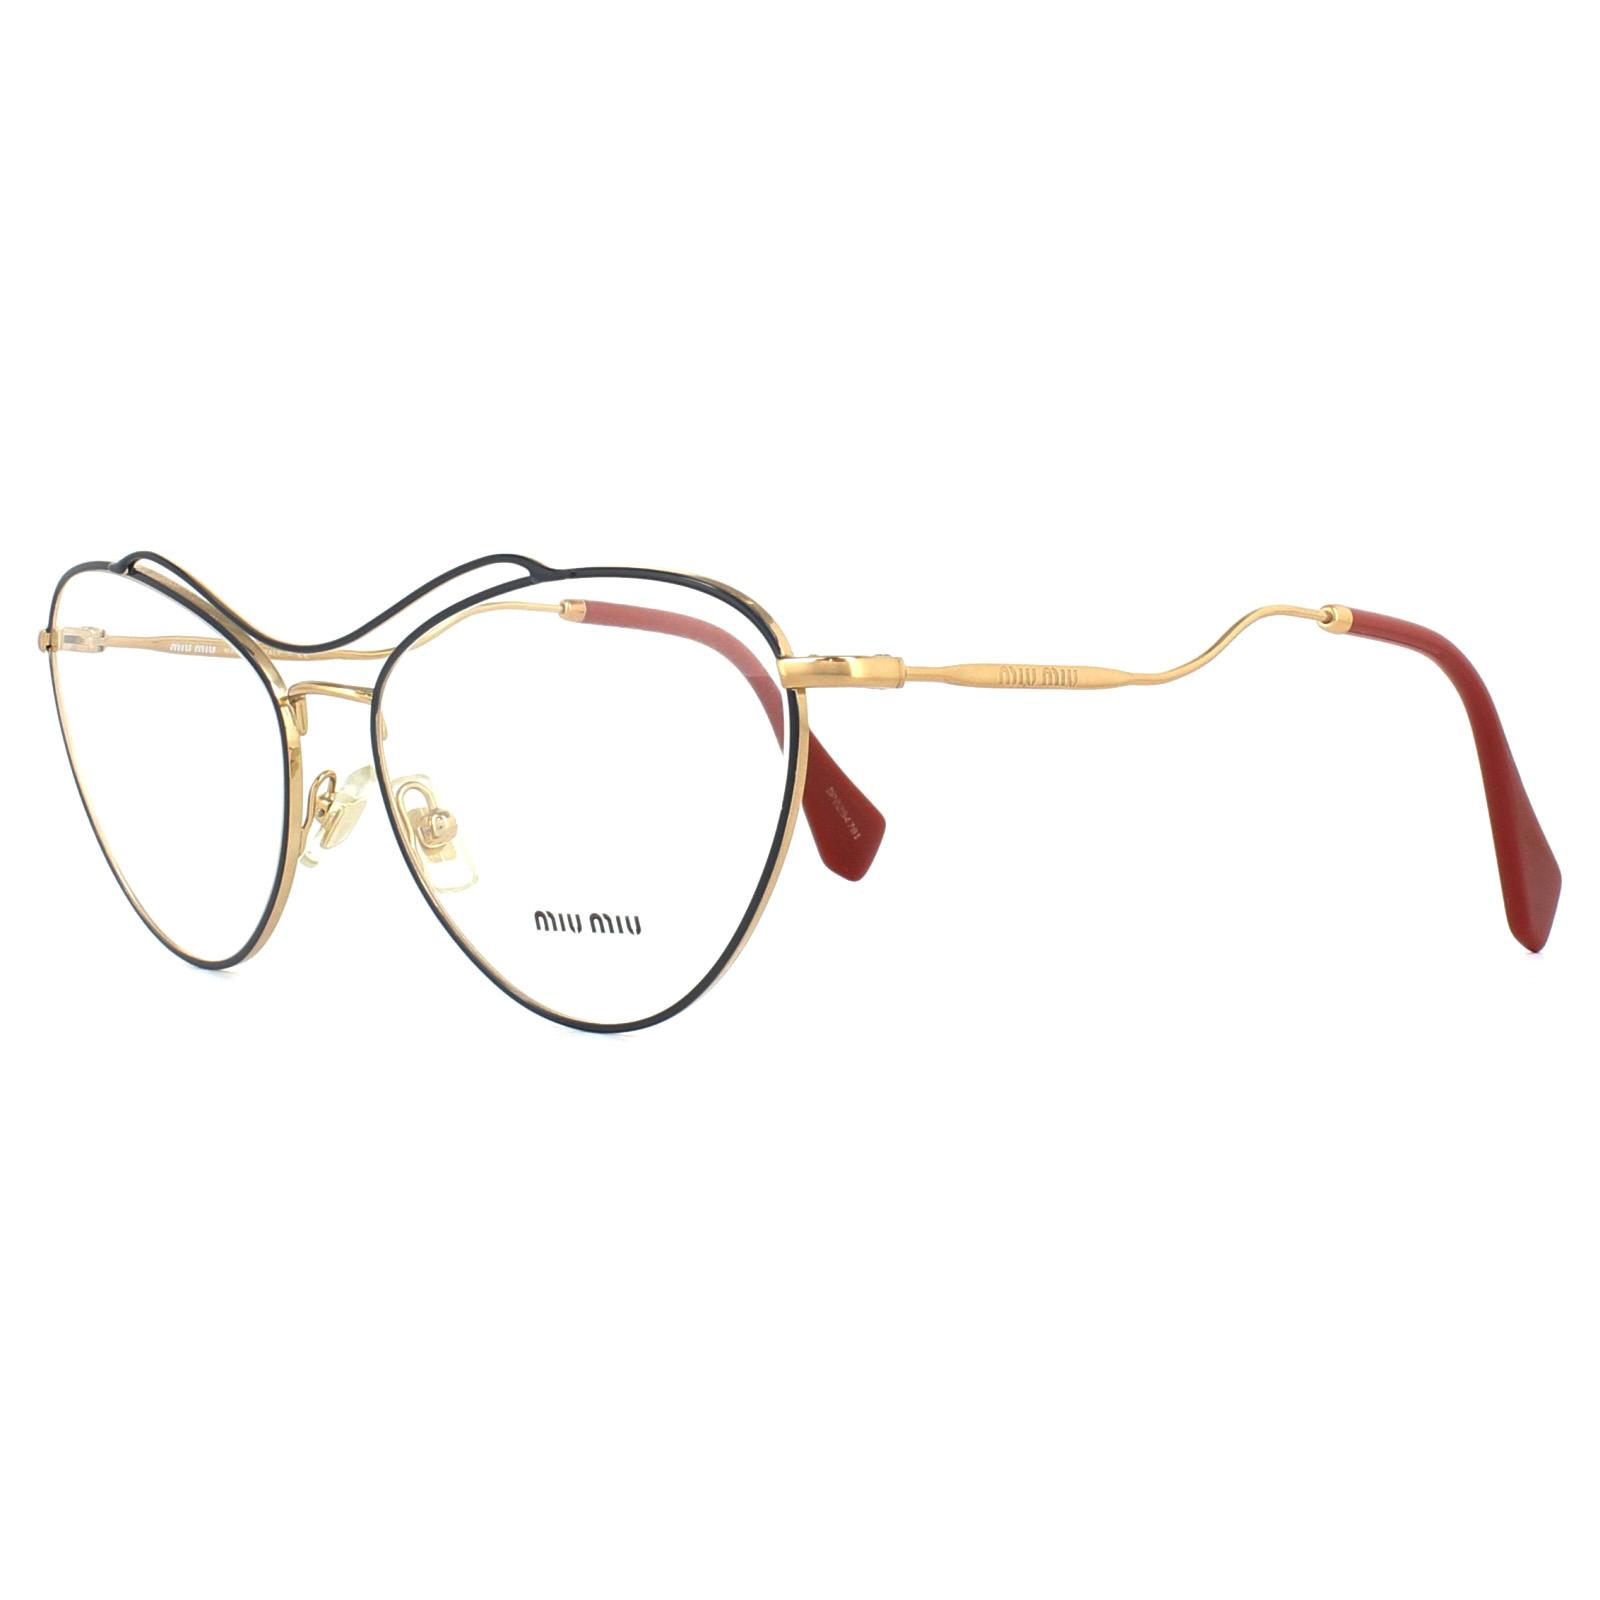 81726f5fcb3 Cheap Miu Miu MU53PV Glasses Frames - Discounted Sunglasses